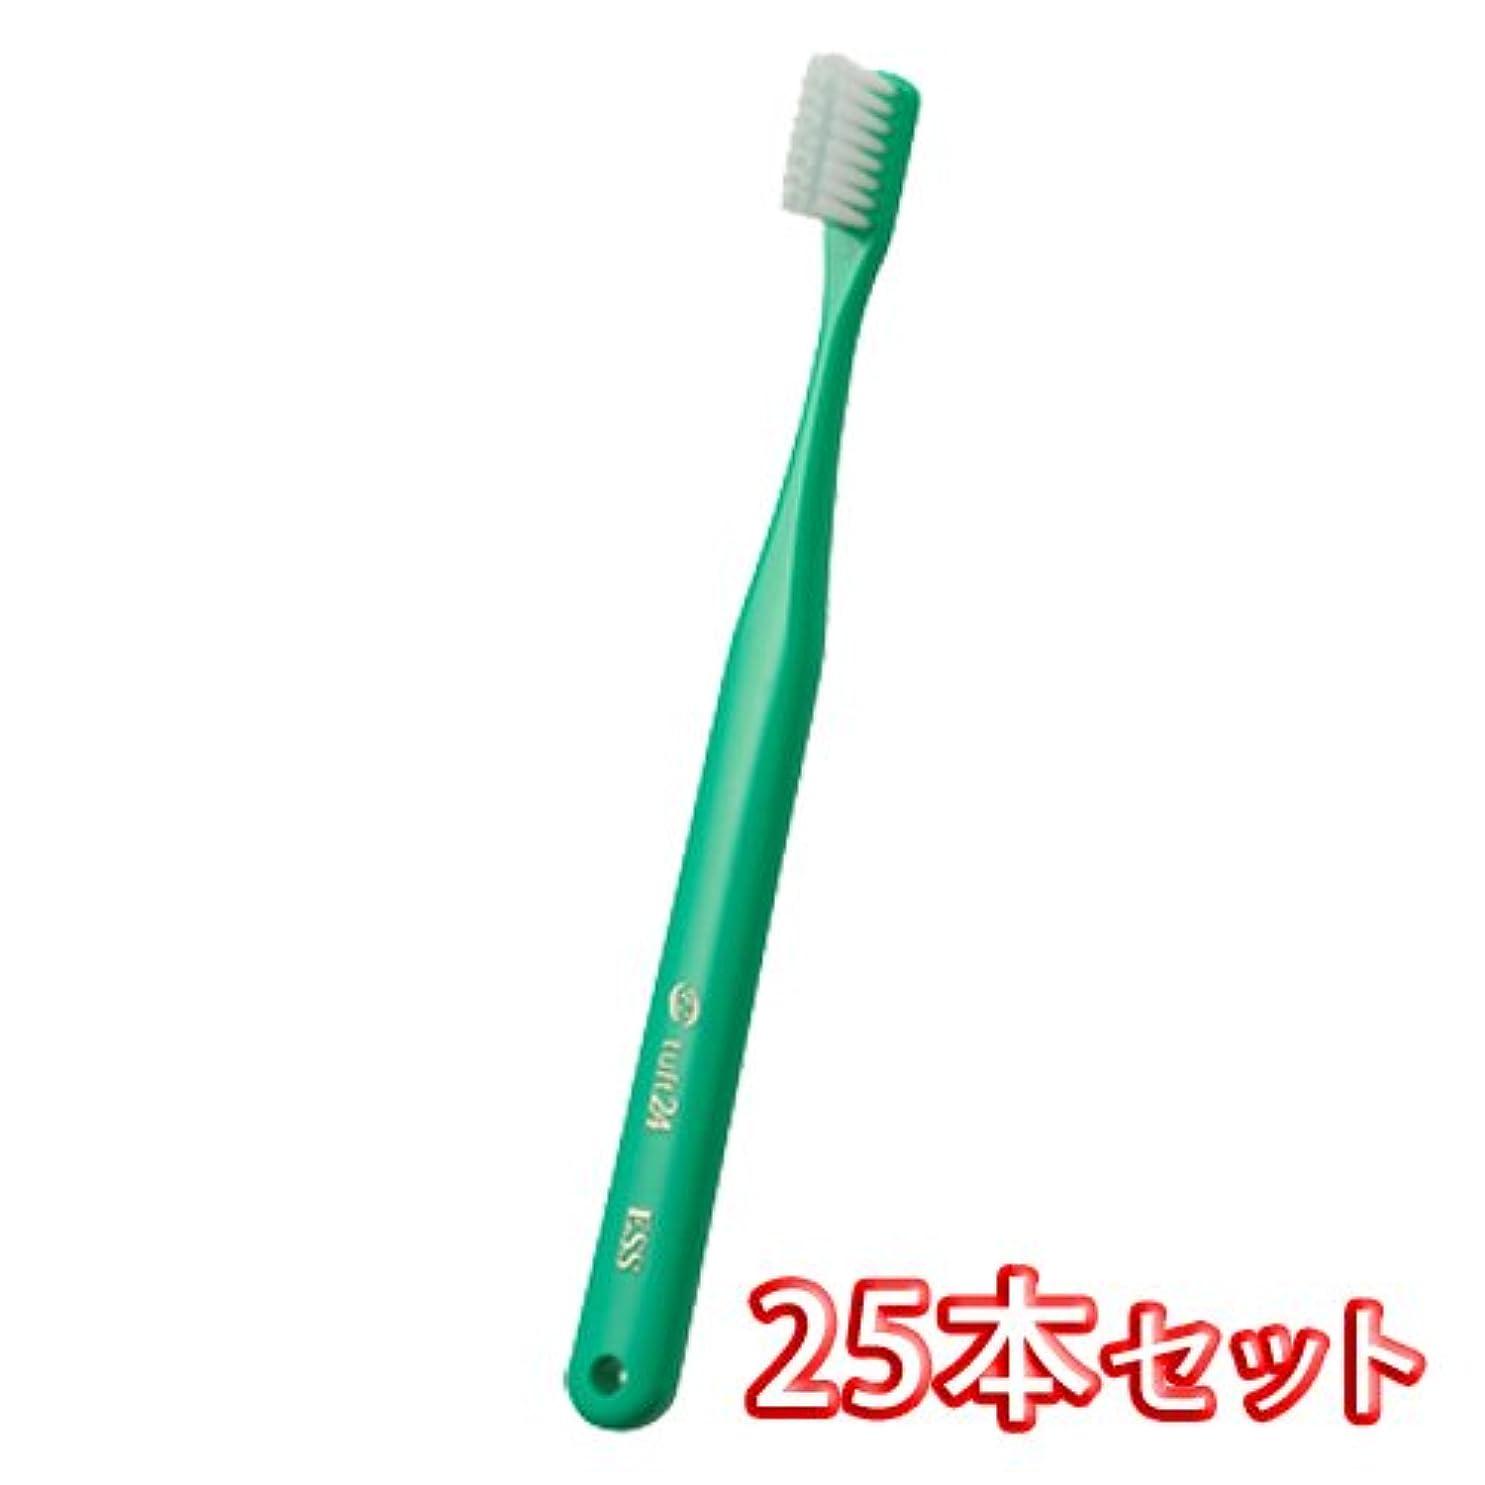 ドロップアルネペインオーラルケア キャップ付き タフト 24 歯ブラシ 25本入 ミディアムハード MH (グリーン)